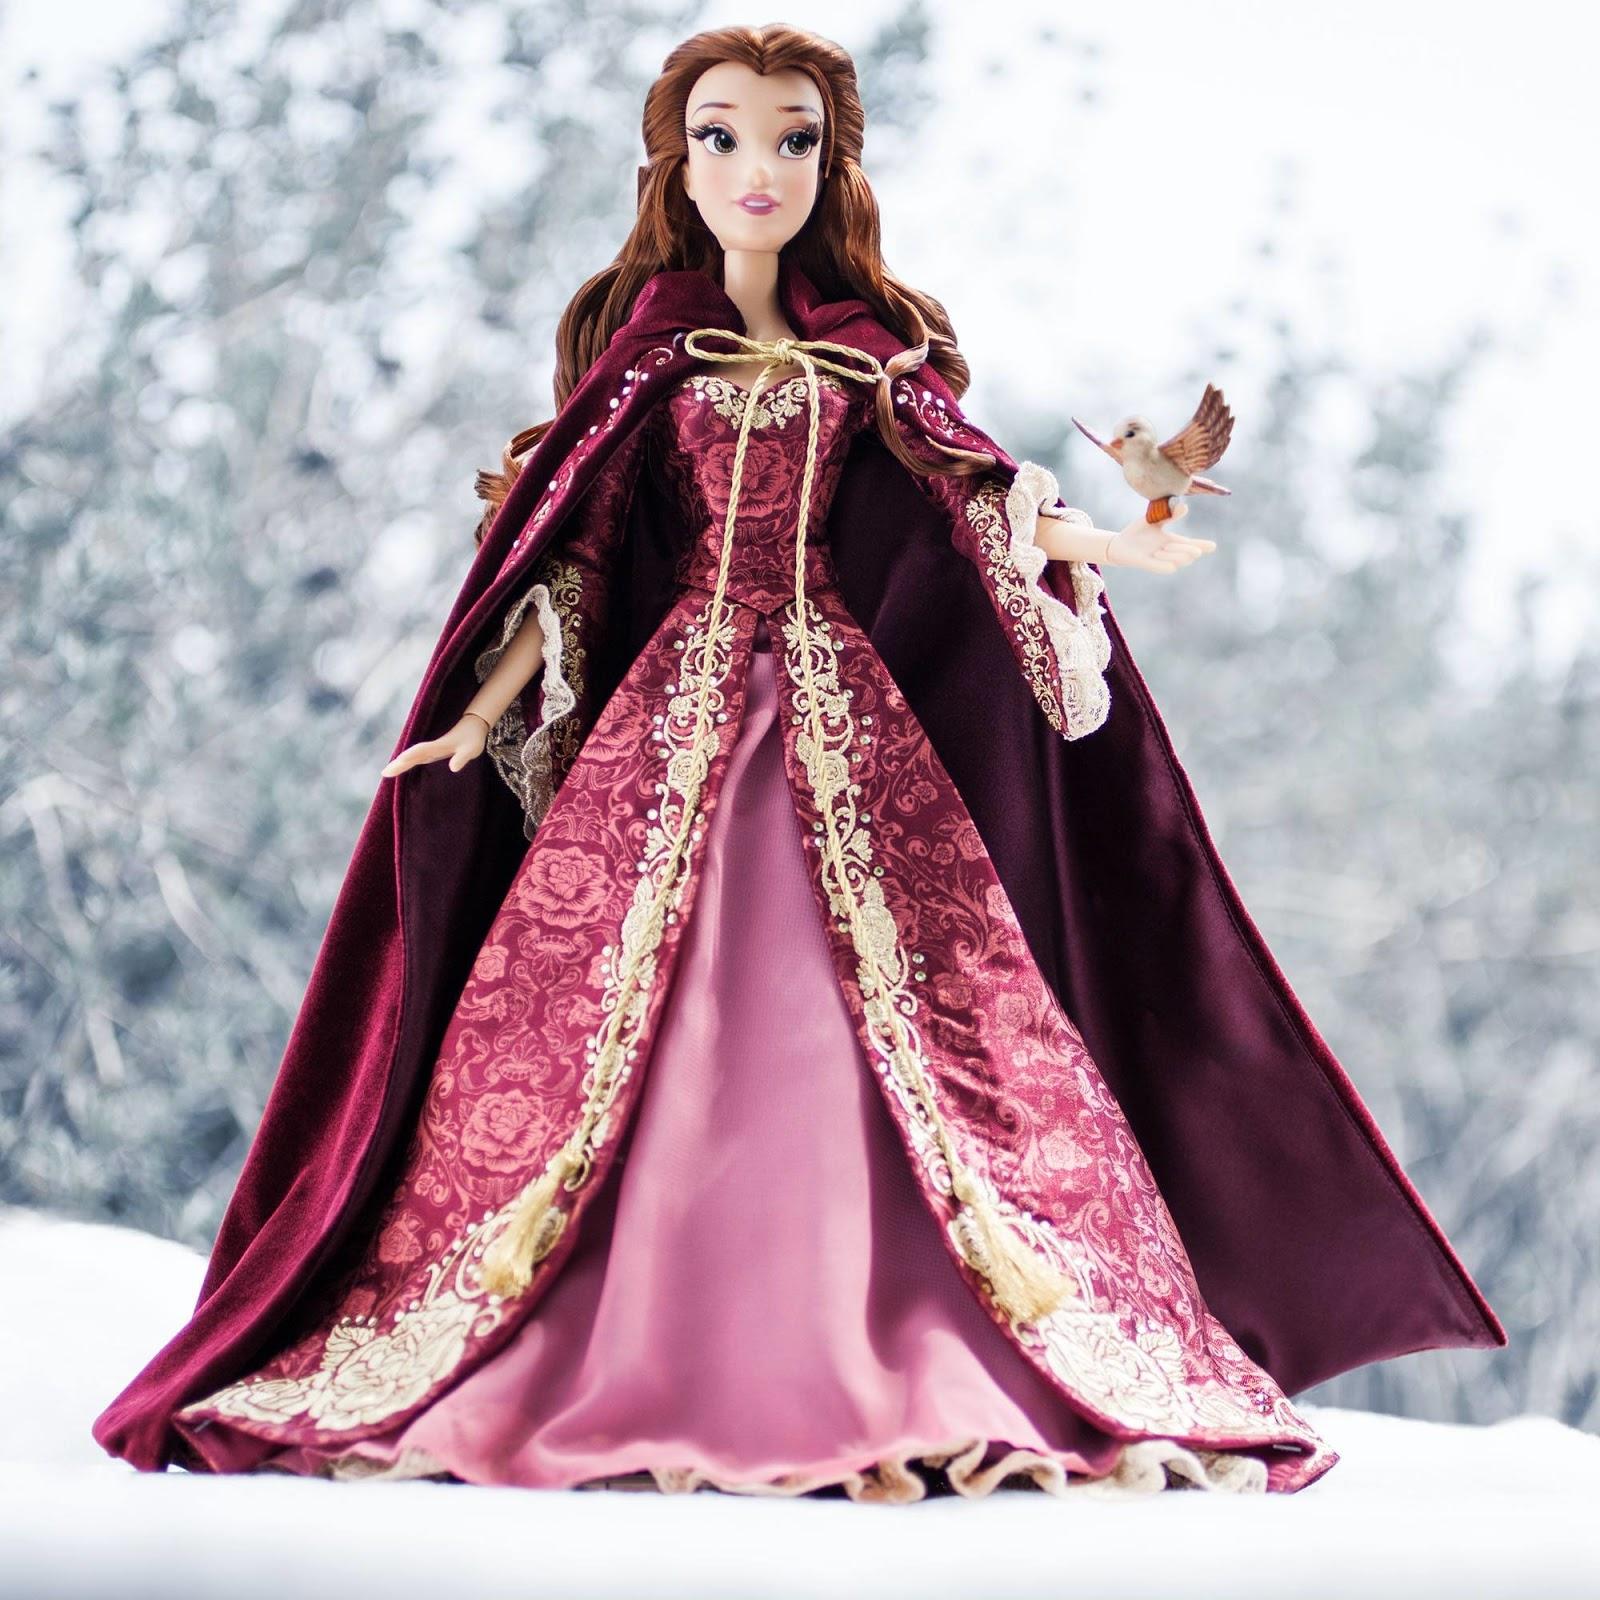 Muñeca Bella De Disney Con Sonido | Imagelicious